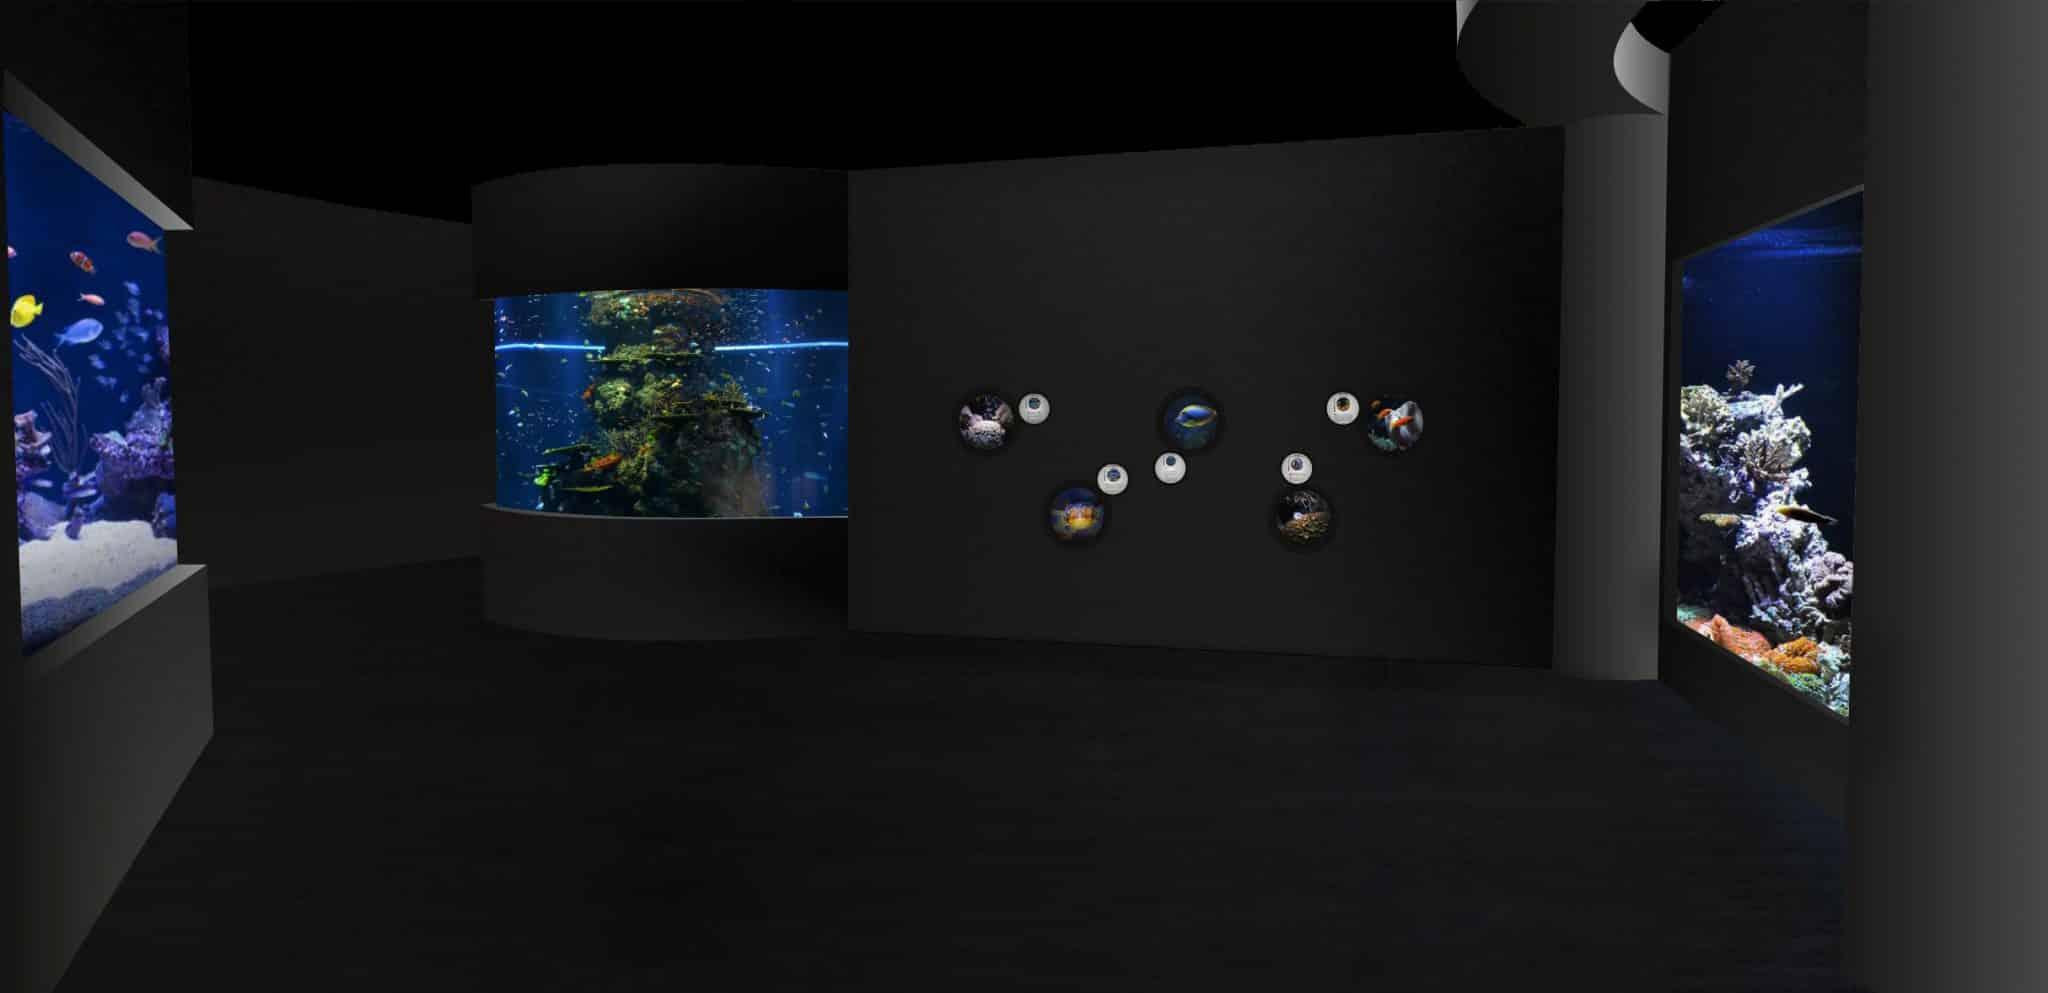 Wizualizacja Akwarium Gdynia rozbudowa